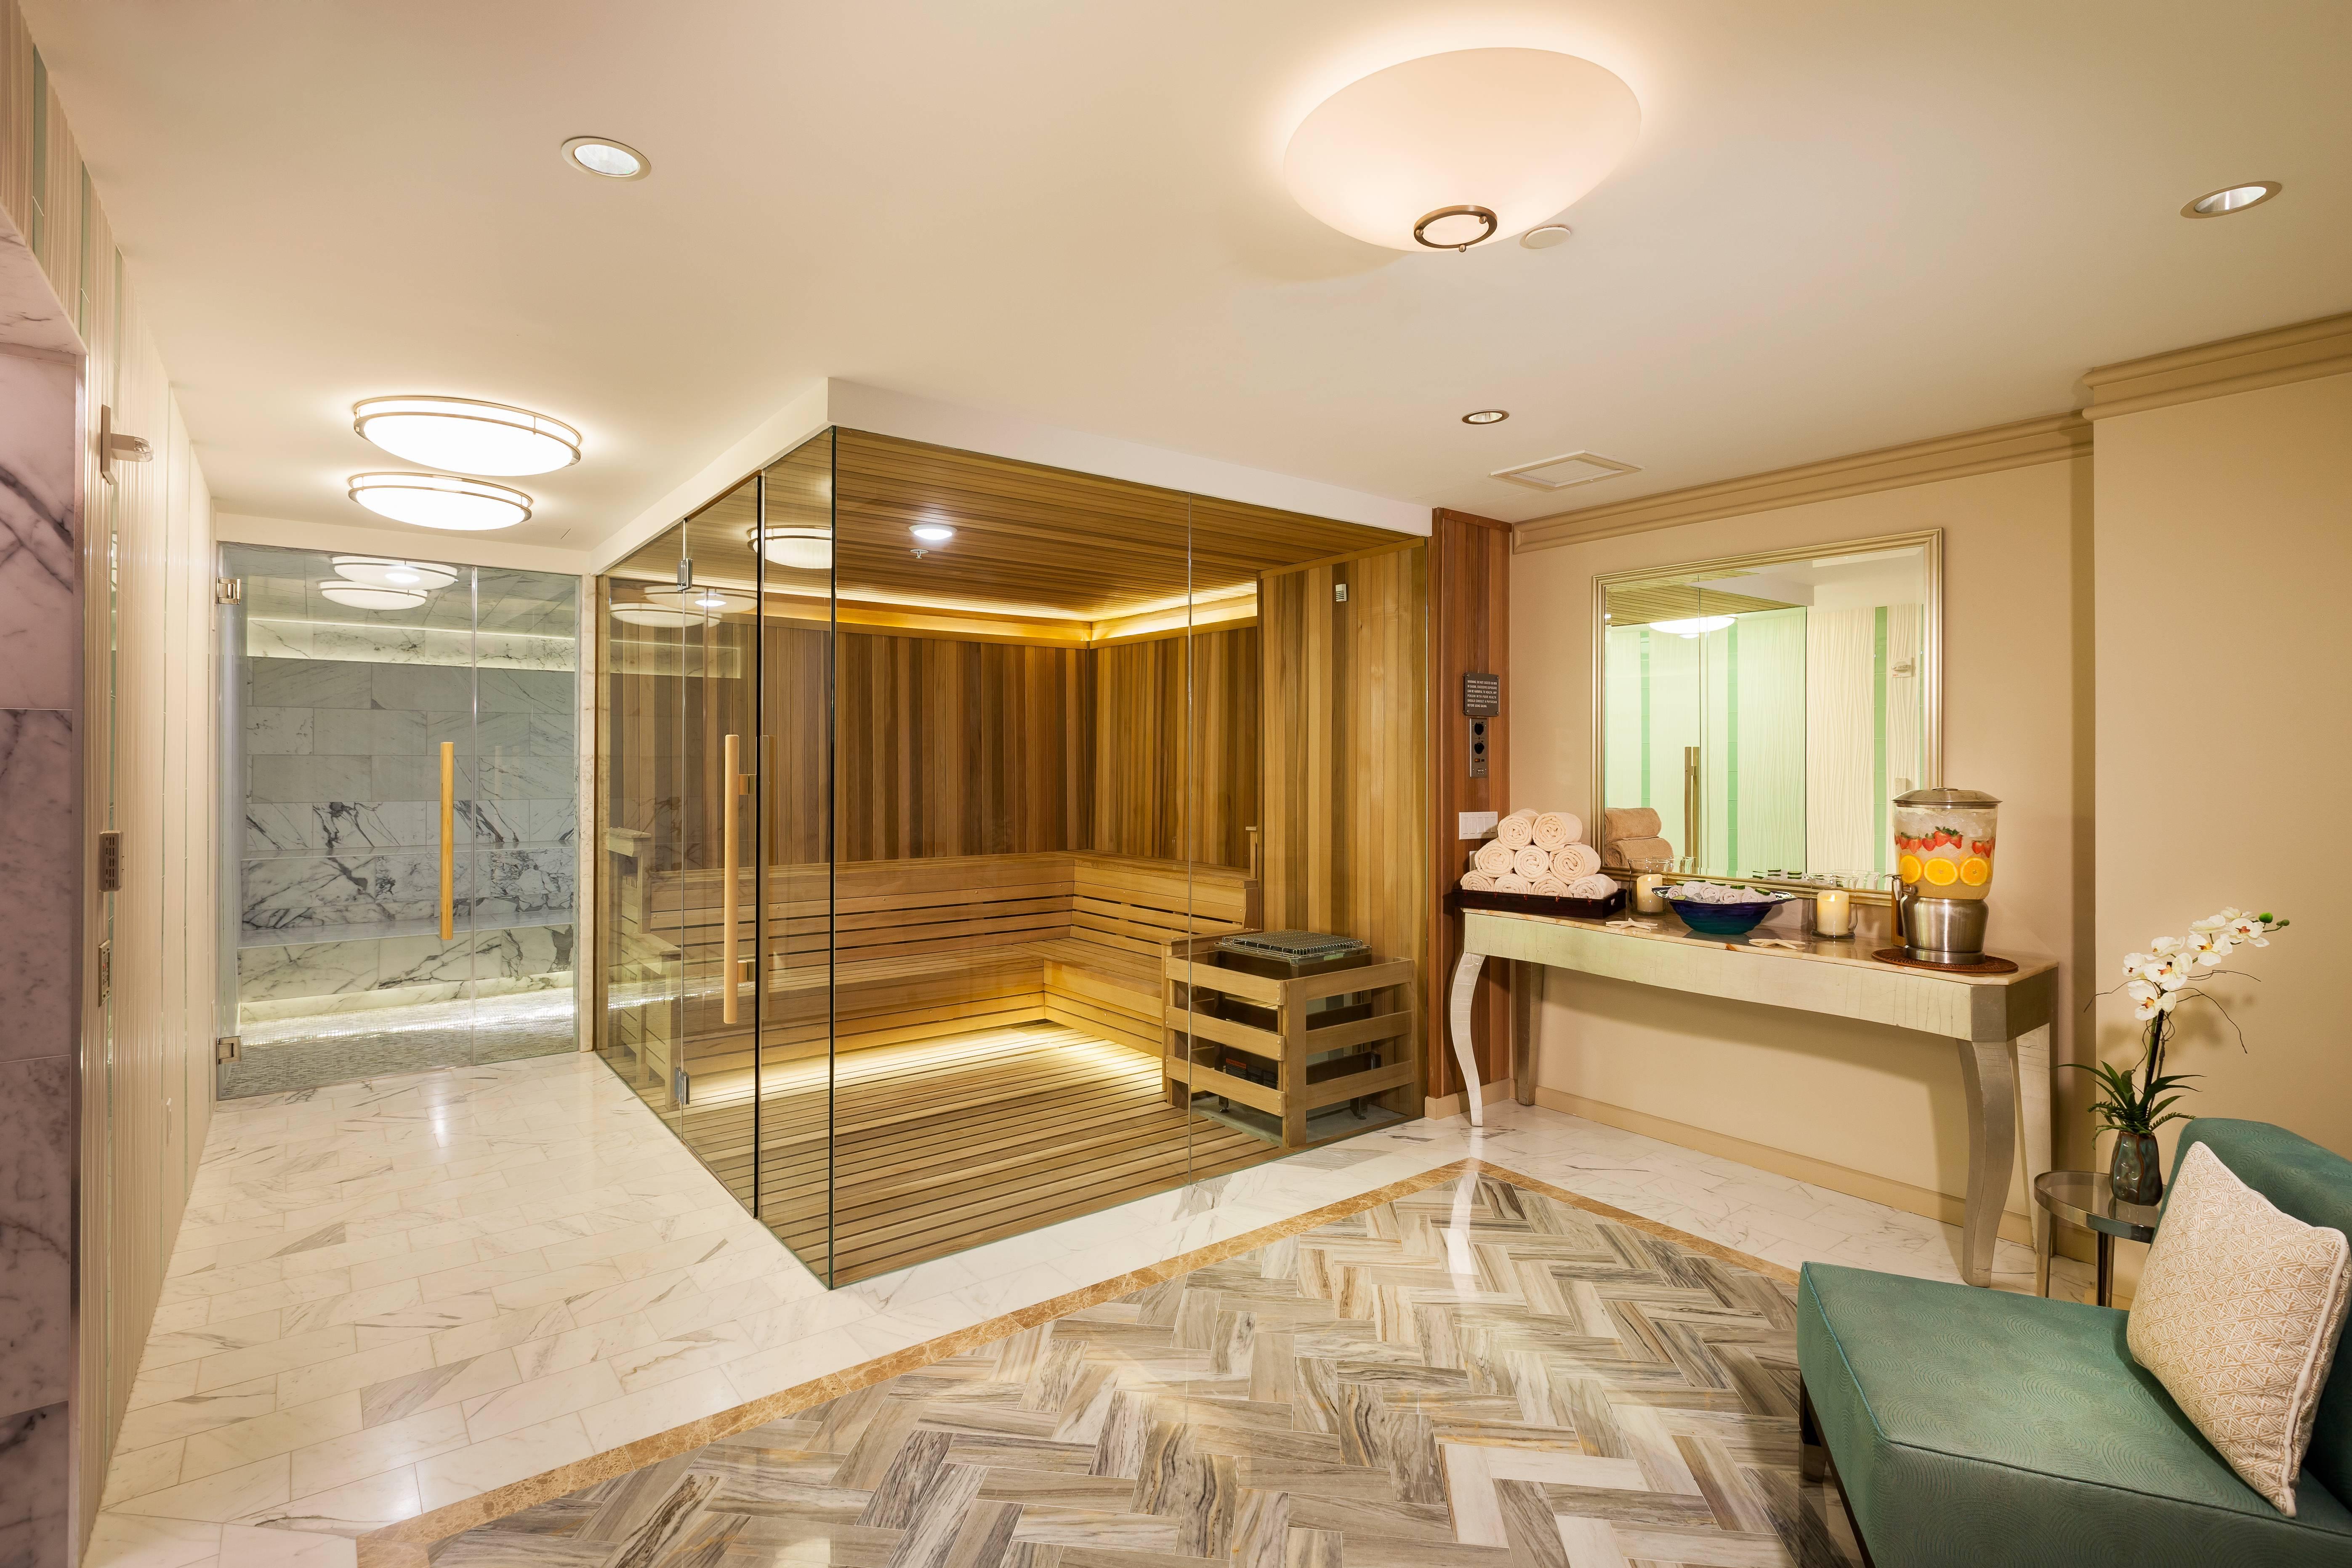 The RitzCarlton Fort Lauderdale Unveils New Destination Spa